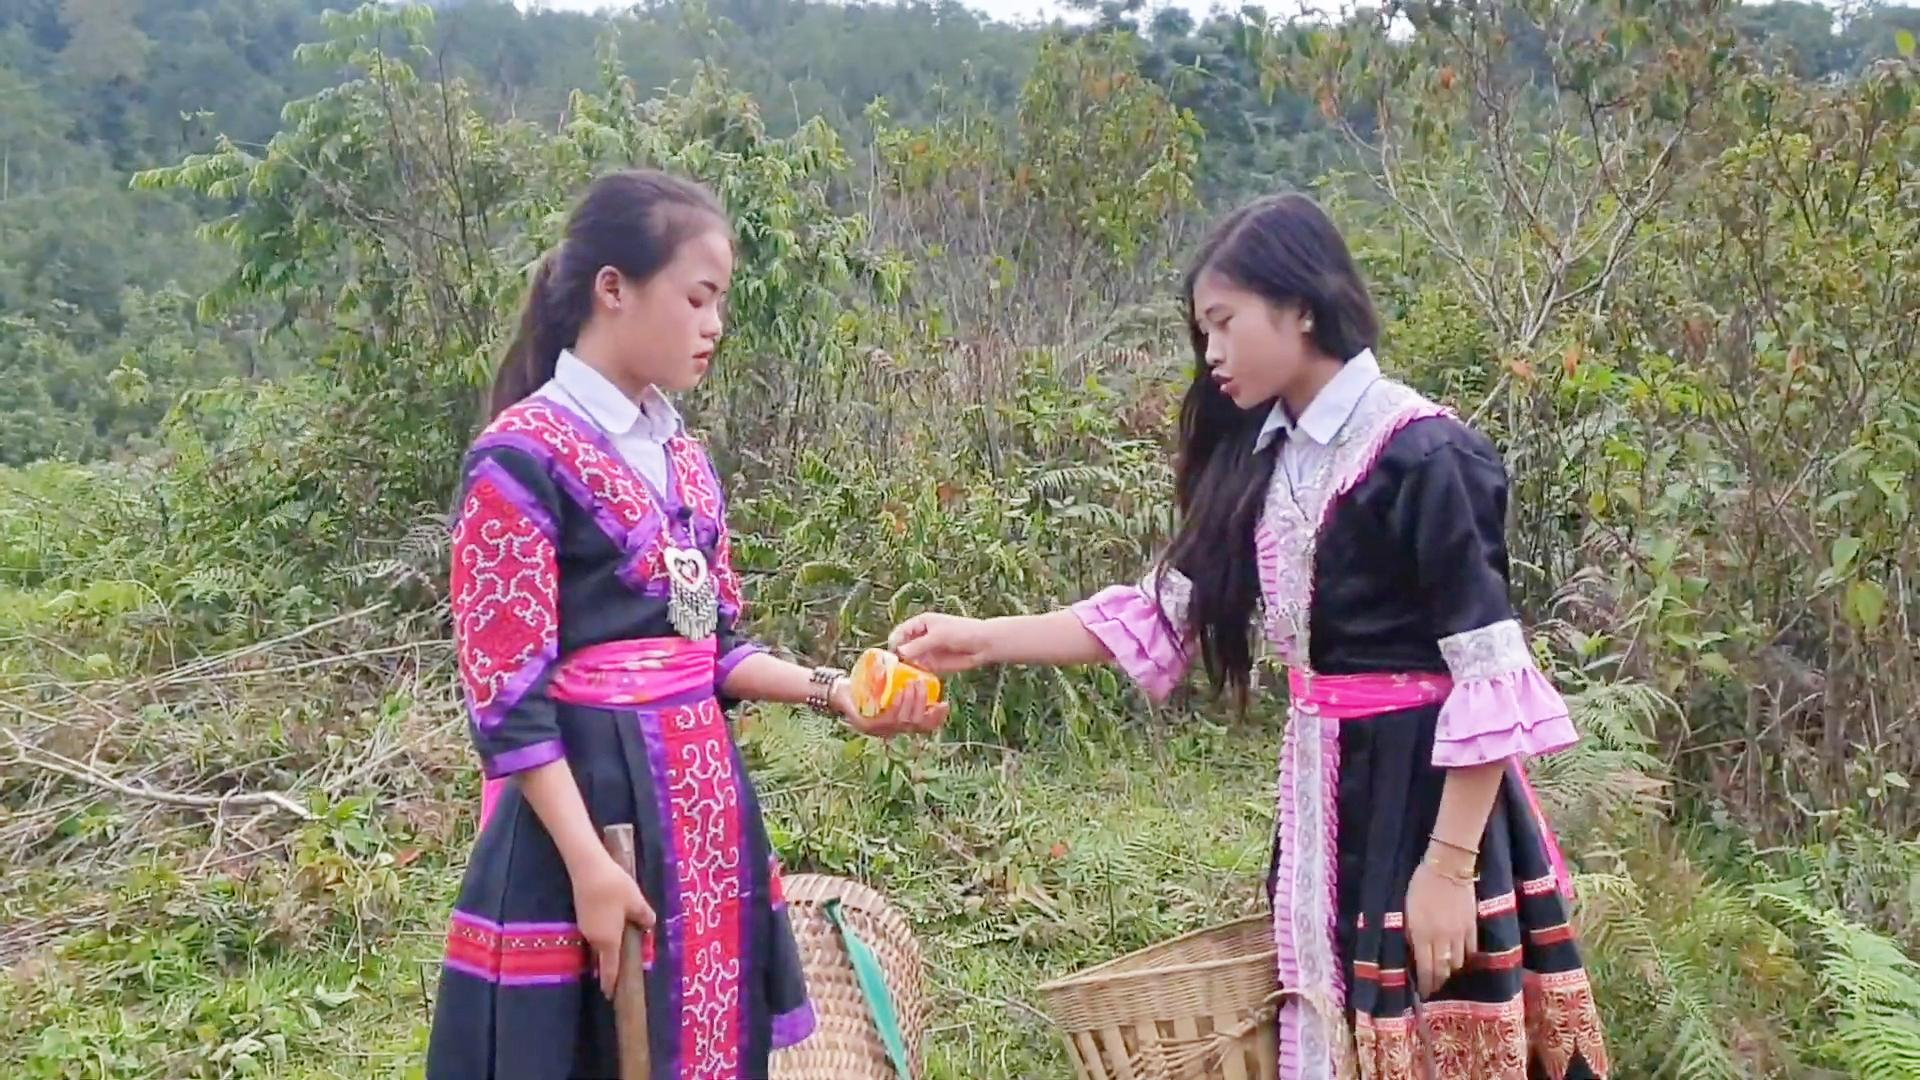 越南农村两姐妹从小就成了孤儿,至今22岁,唯一愿望想嫁到中国来图片